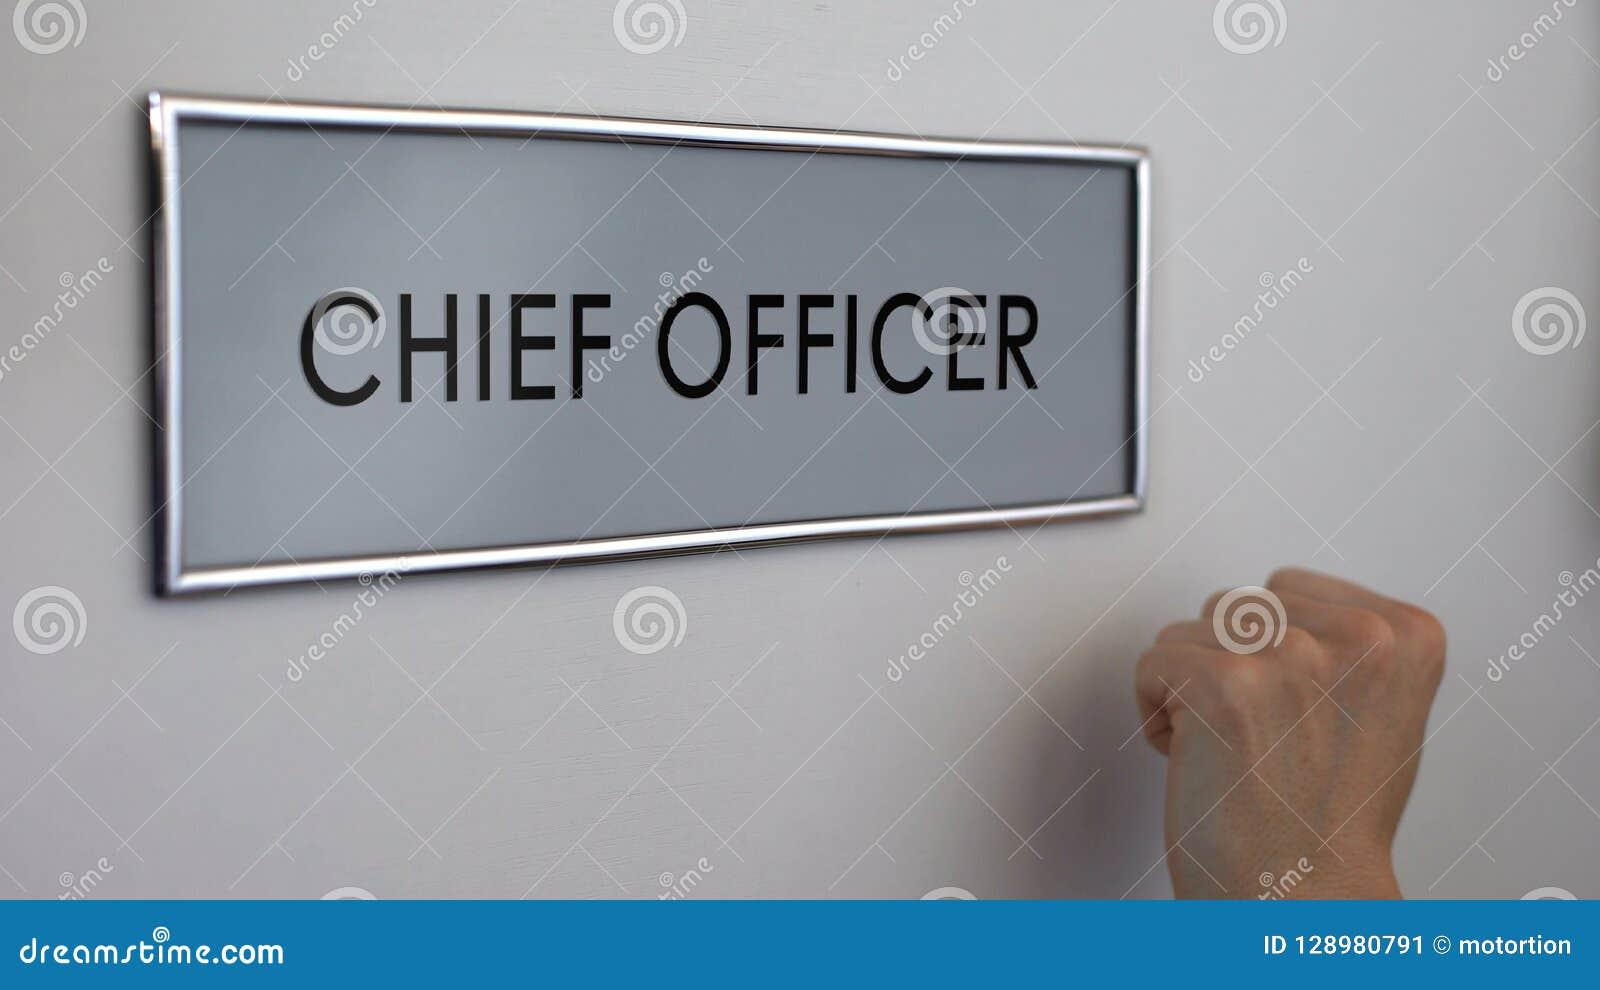 Hoge ambtenaardeur, hand die close-up, financiële manager, leiderspositie kloppen